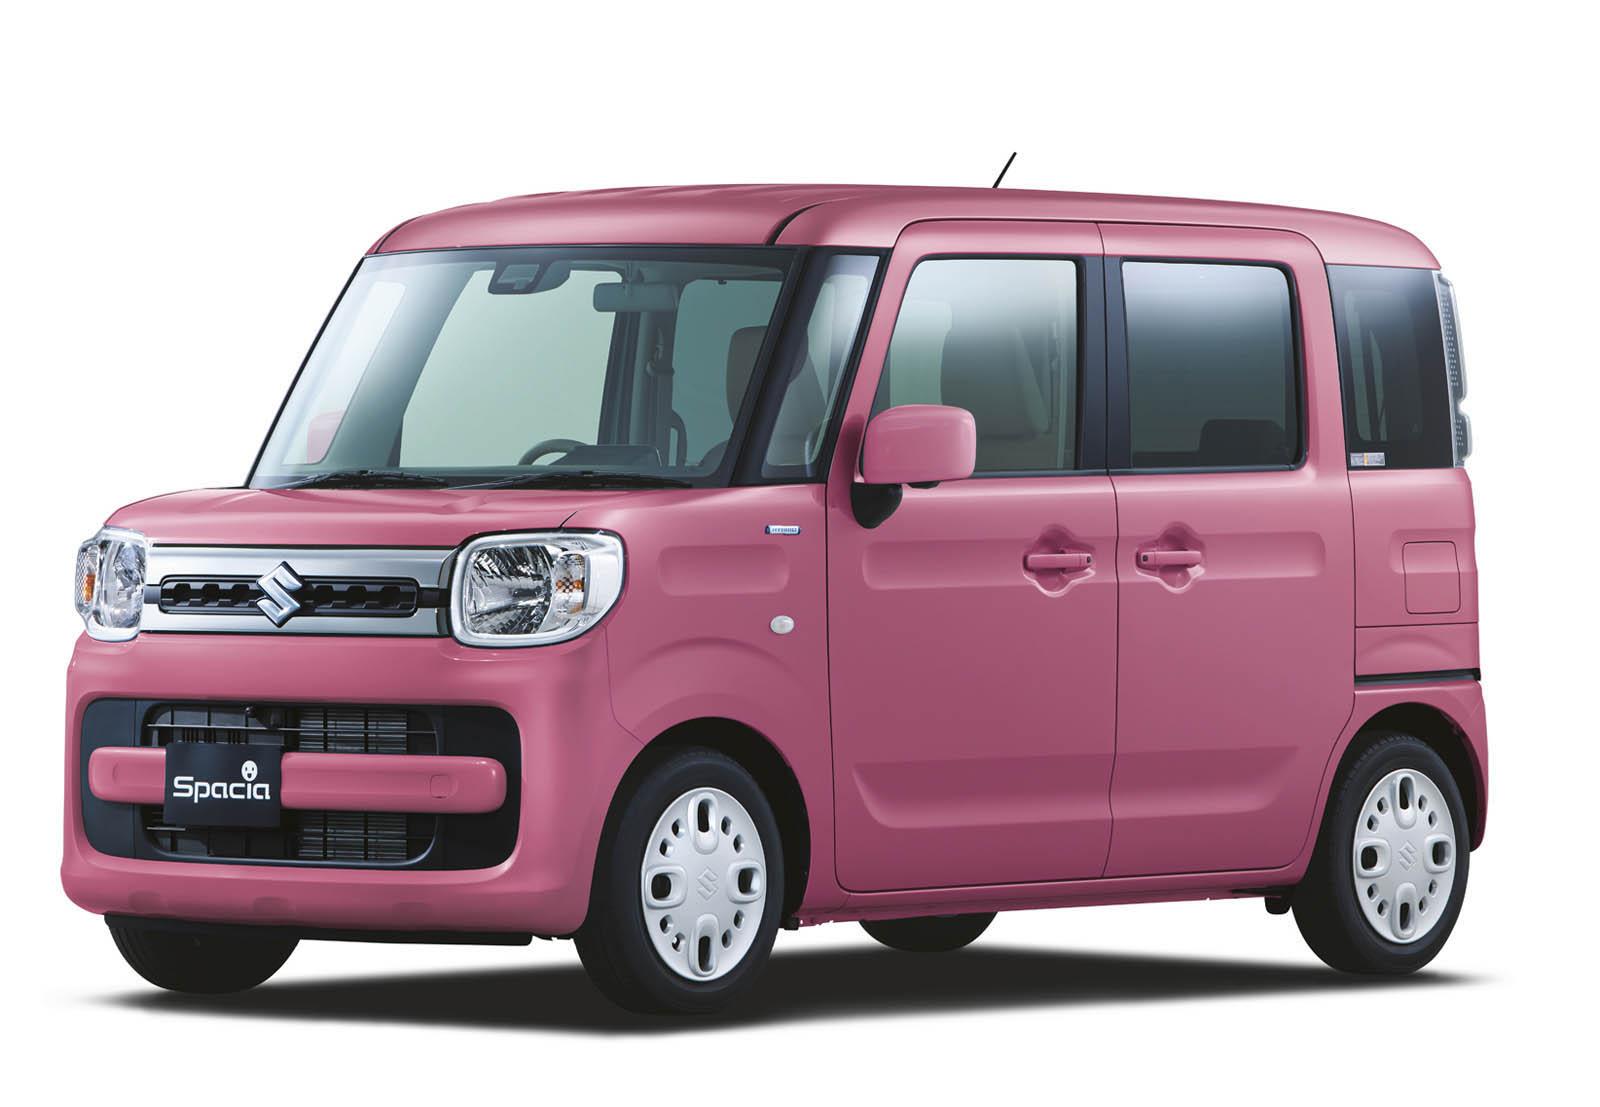 Suzuki Spacia 2018 (6)